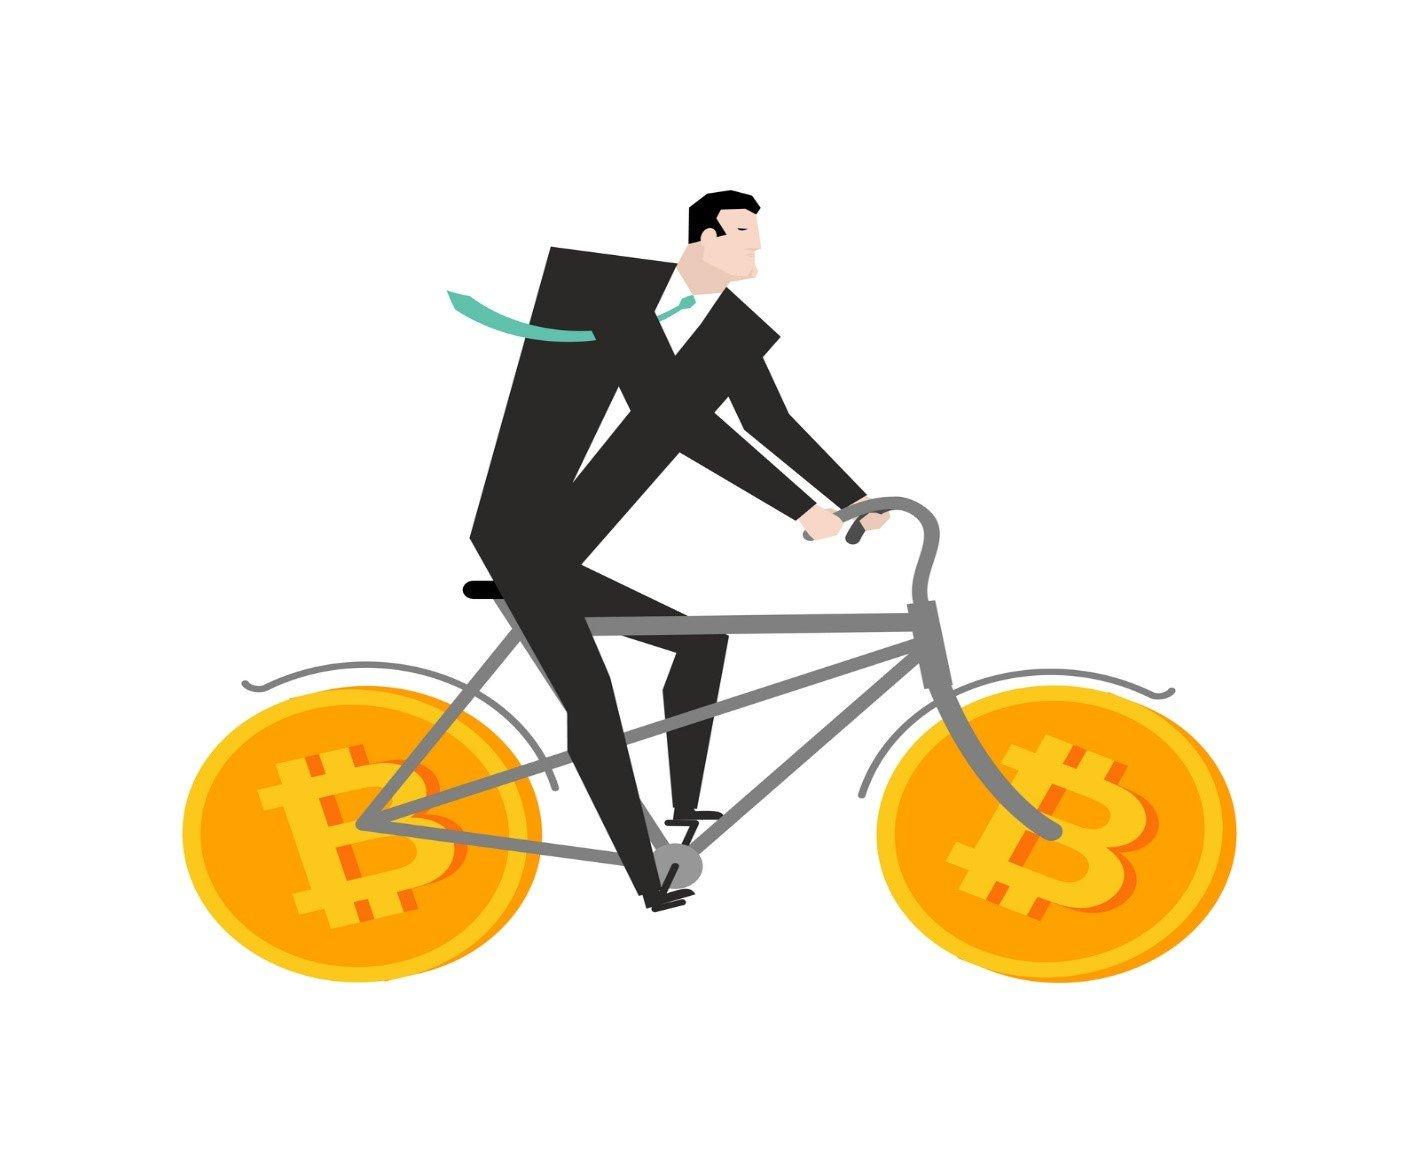 استفاده از دوچرخه های الکتریکی برای عمل mining